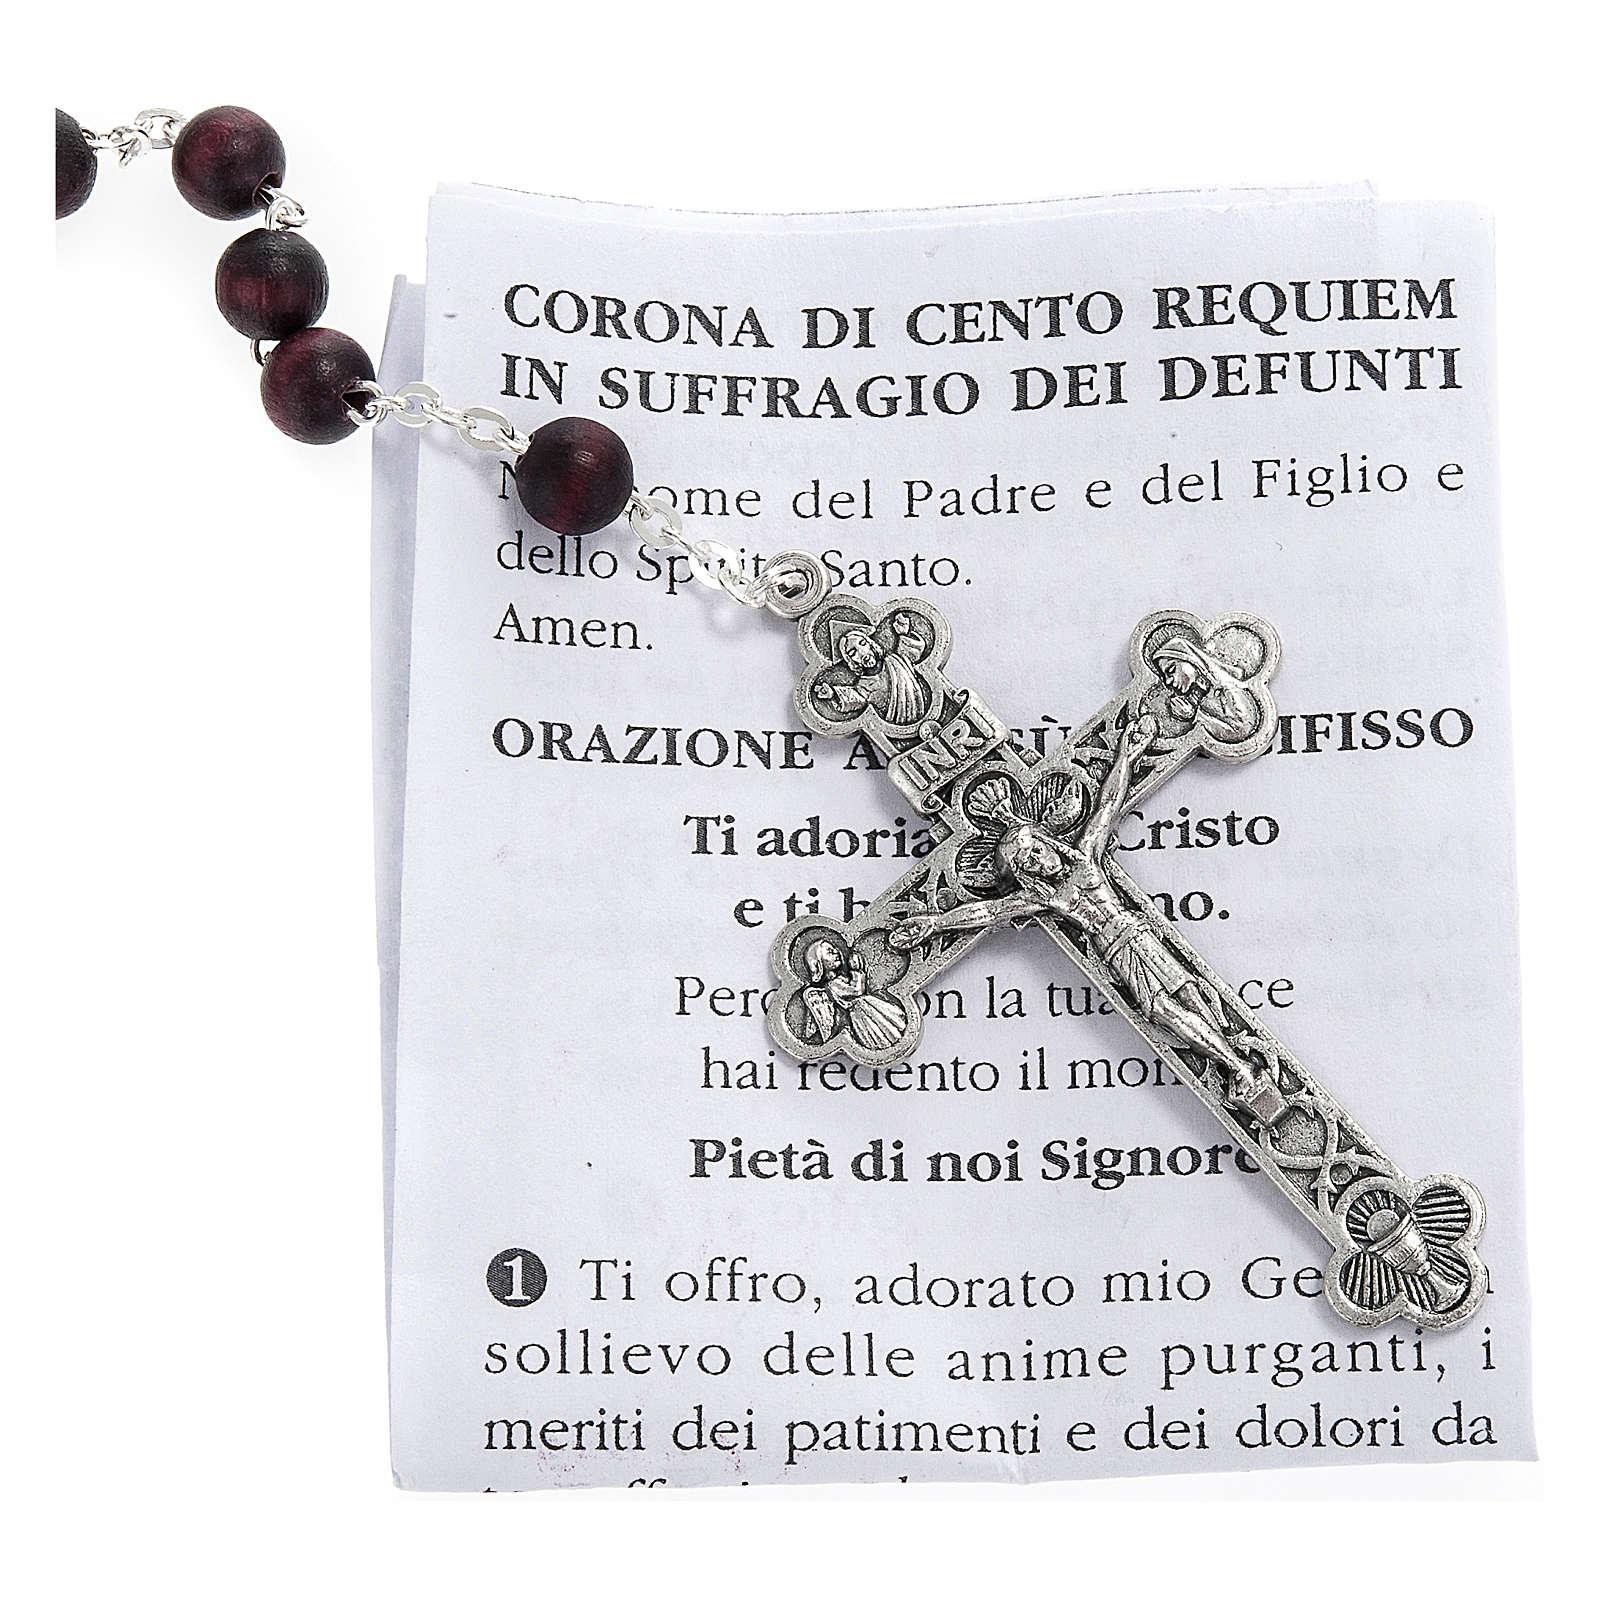 Różaniec oddania 100 Requiem (100 Wieczny odpoczynek) za dusze zmarłych 4